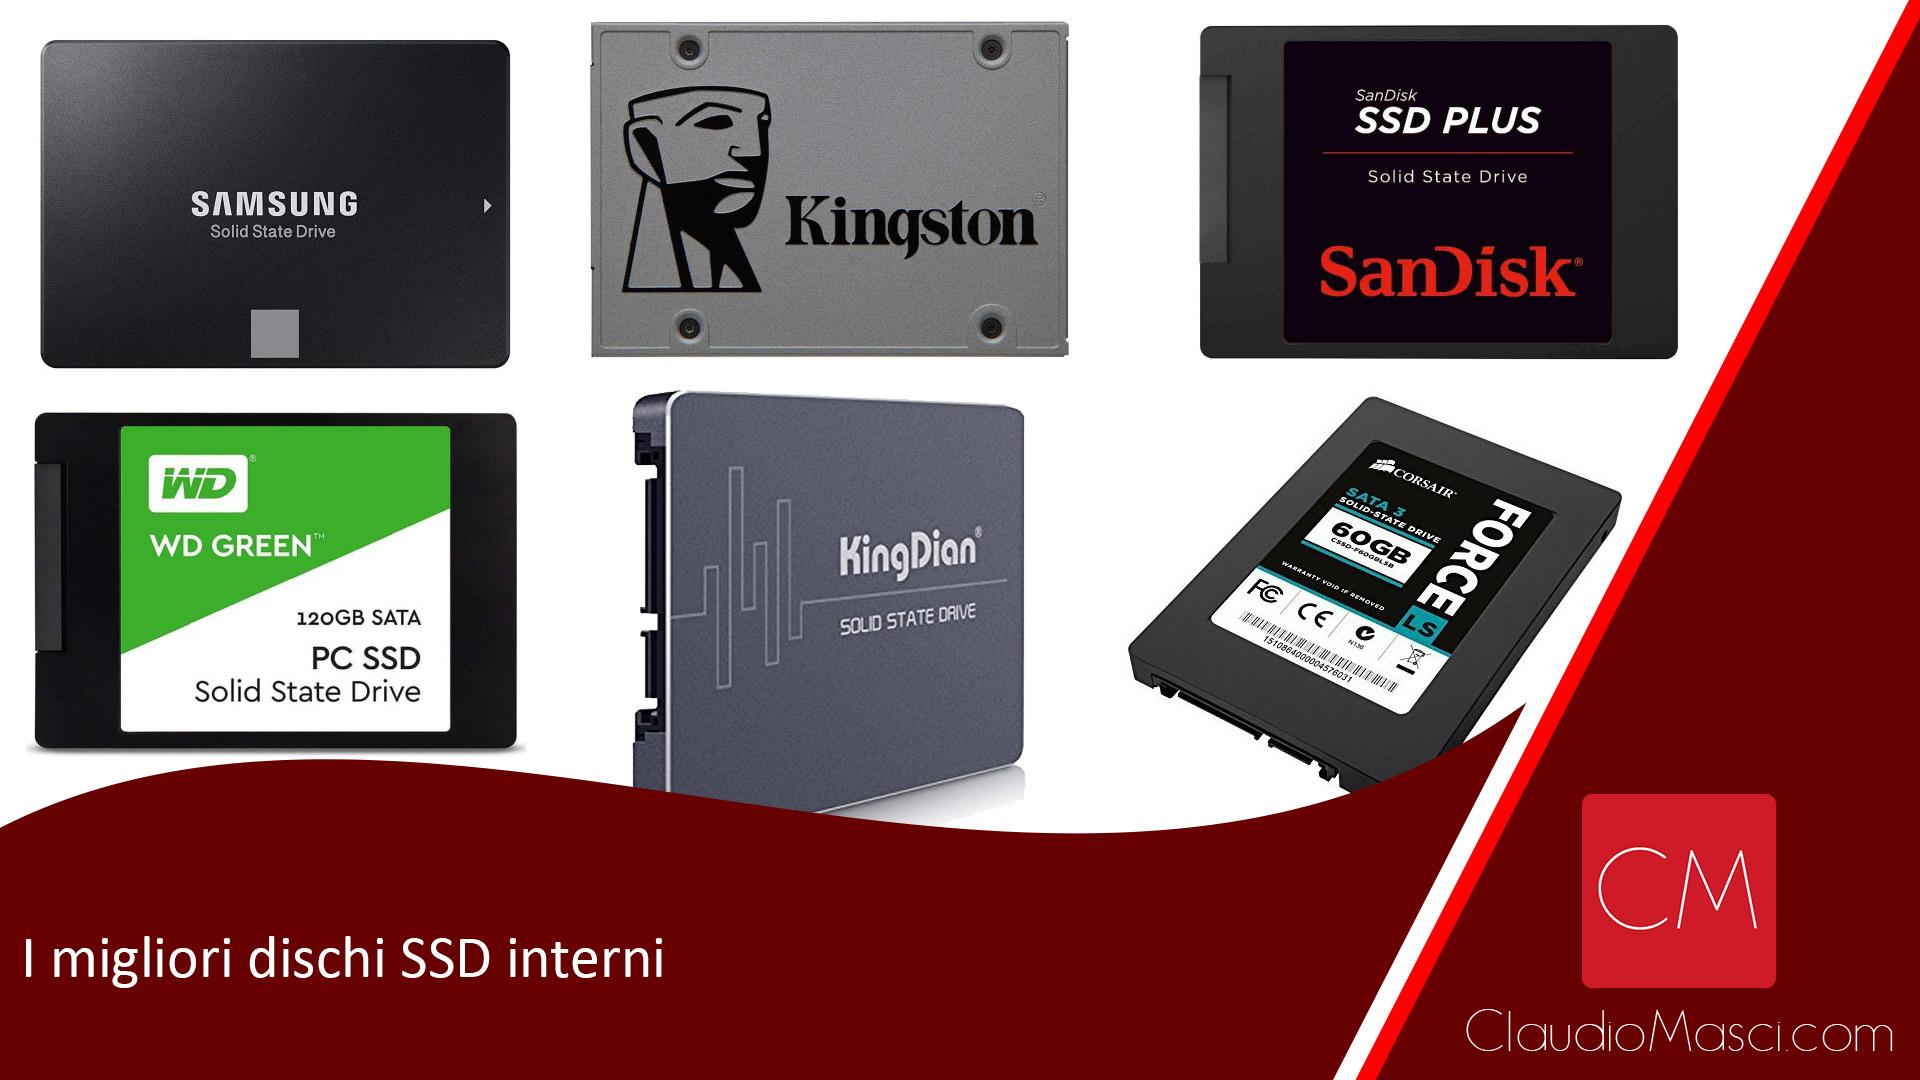 I migliori dischi SSD interni